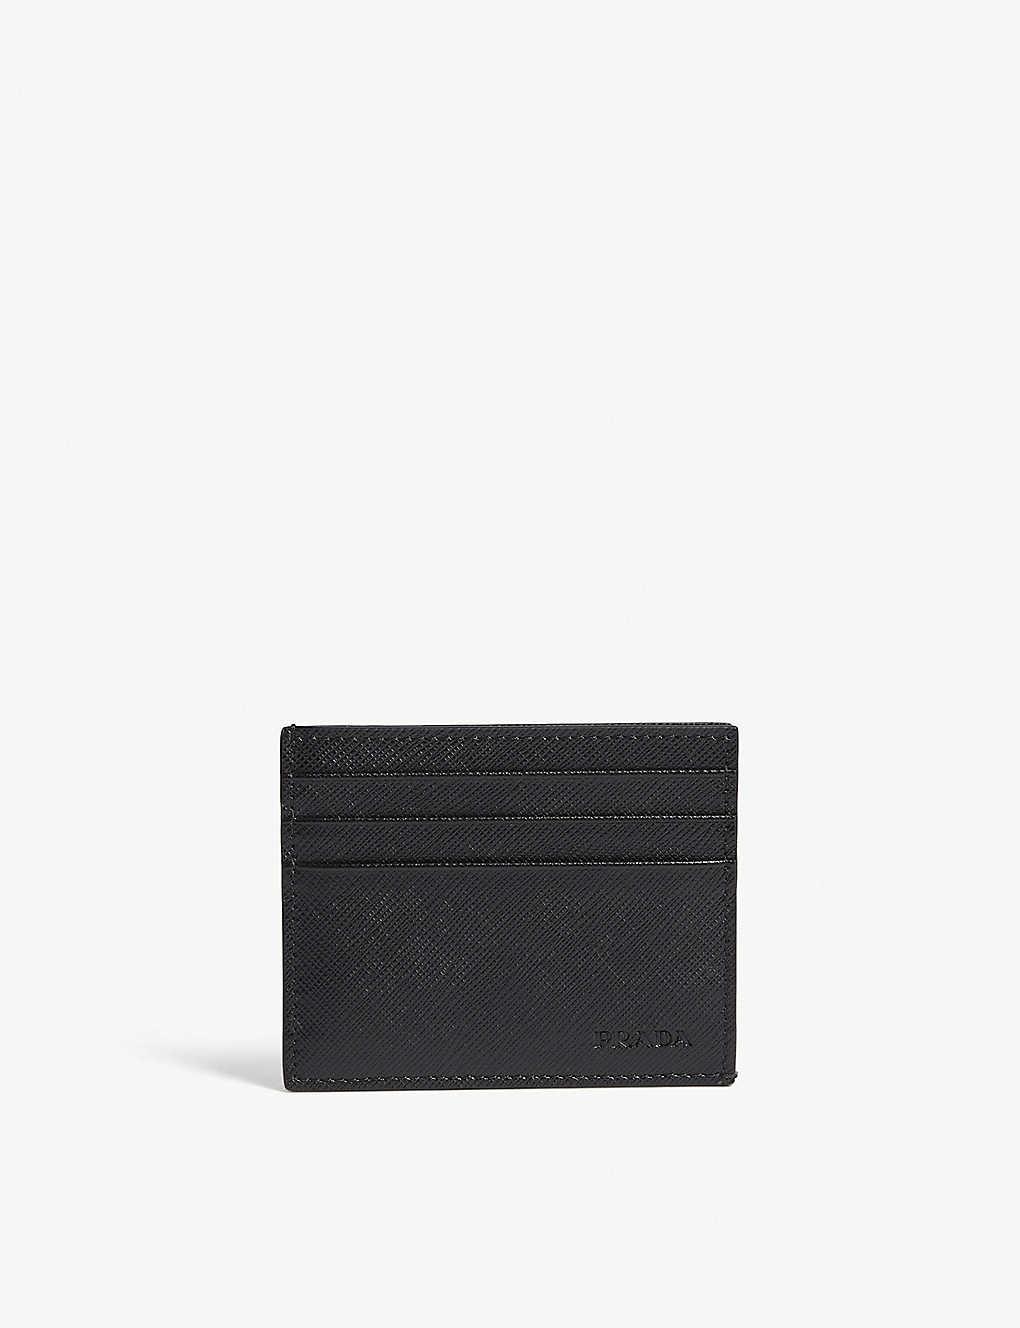 ef192f93d998 PRADA - Saffiano leather card holder | Selfridges.com